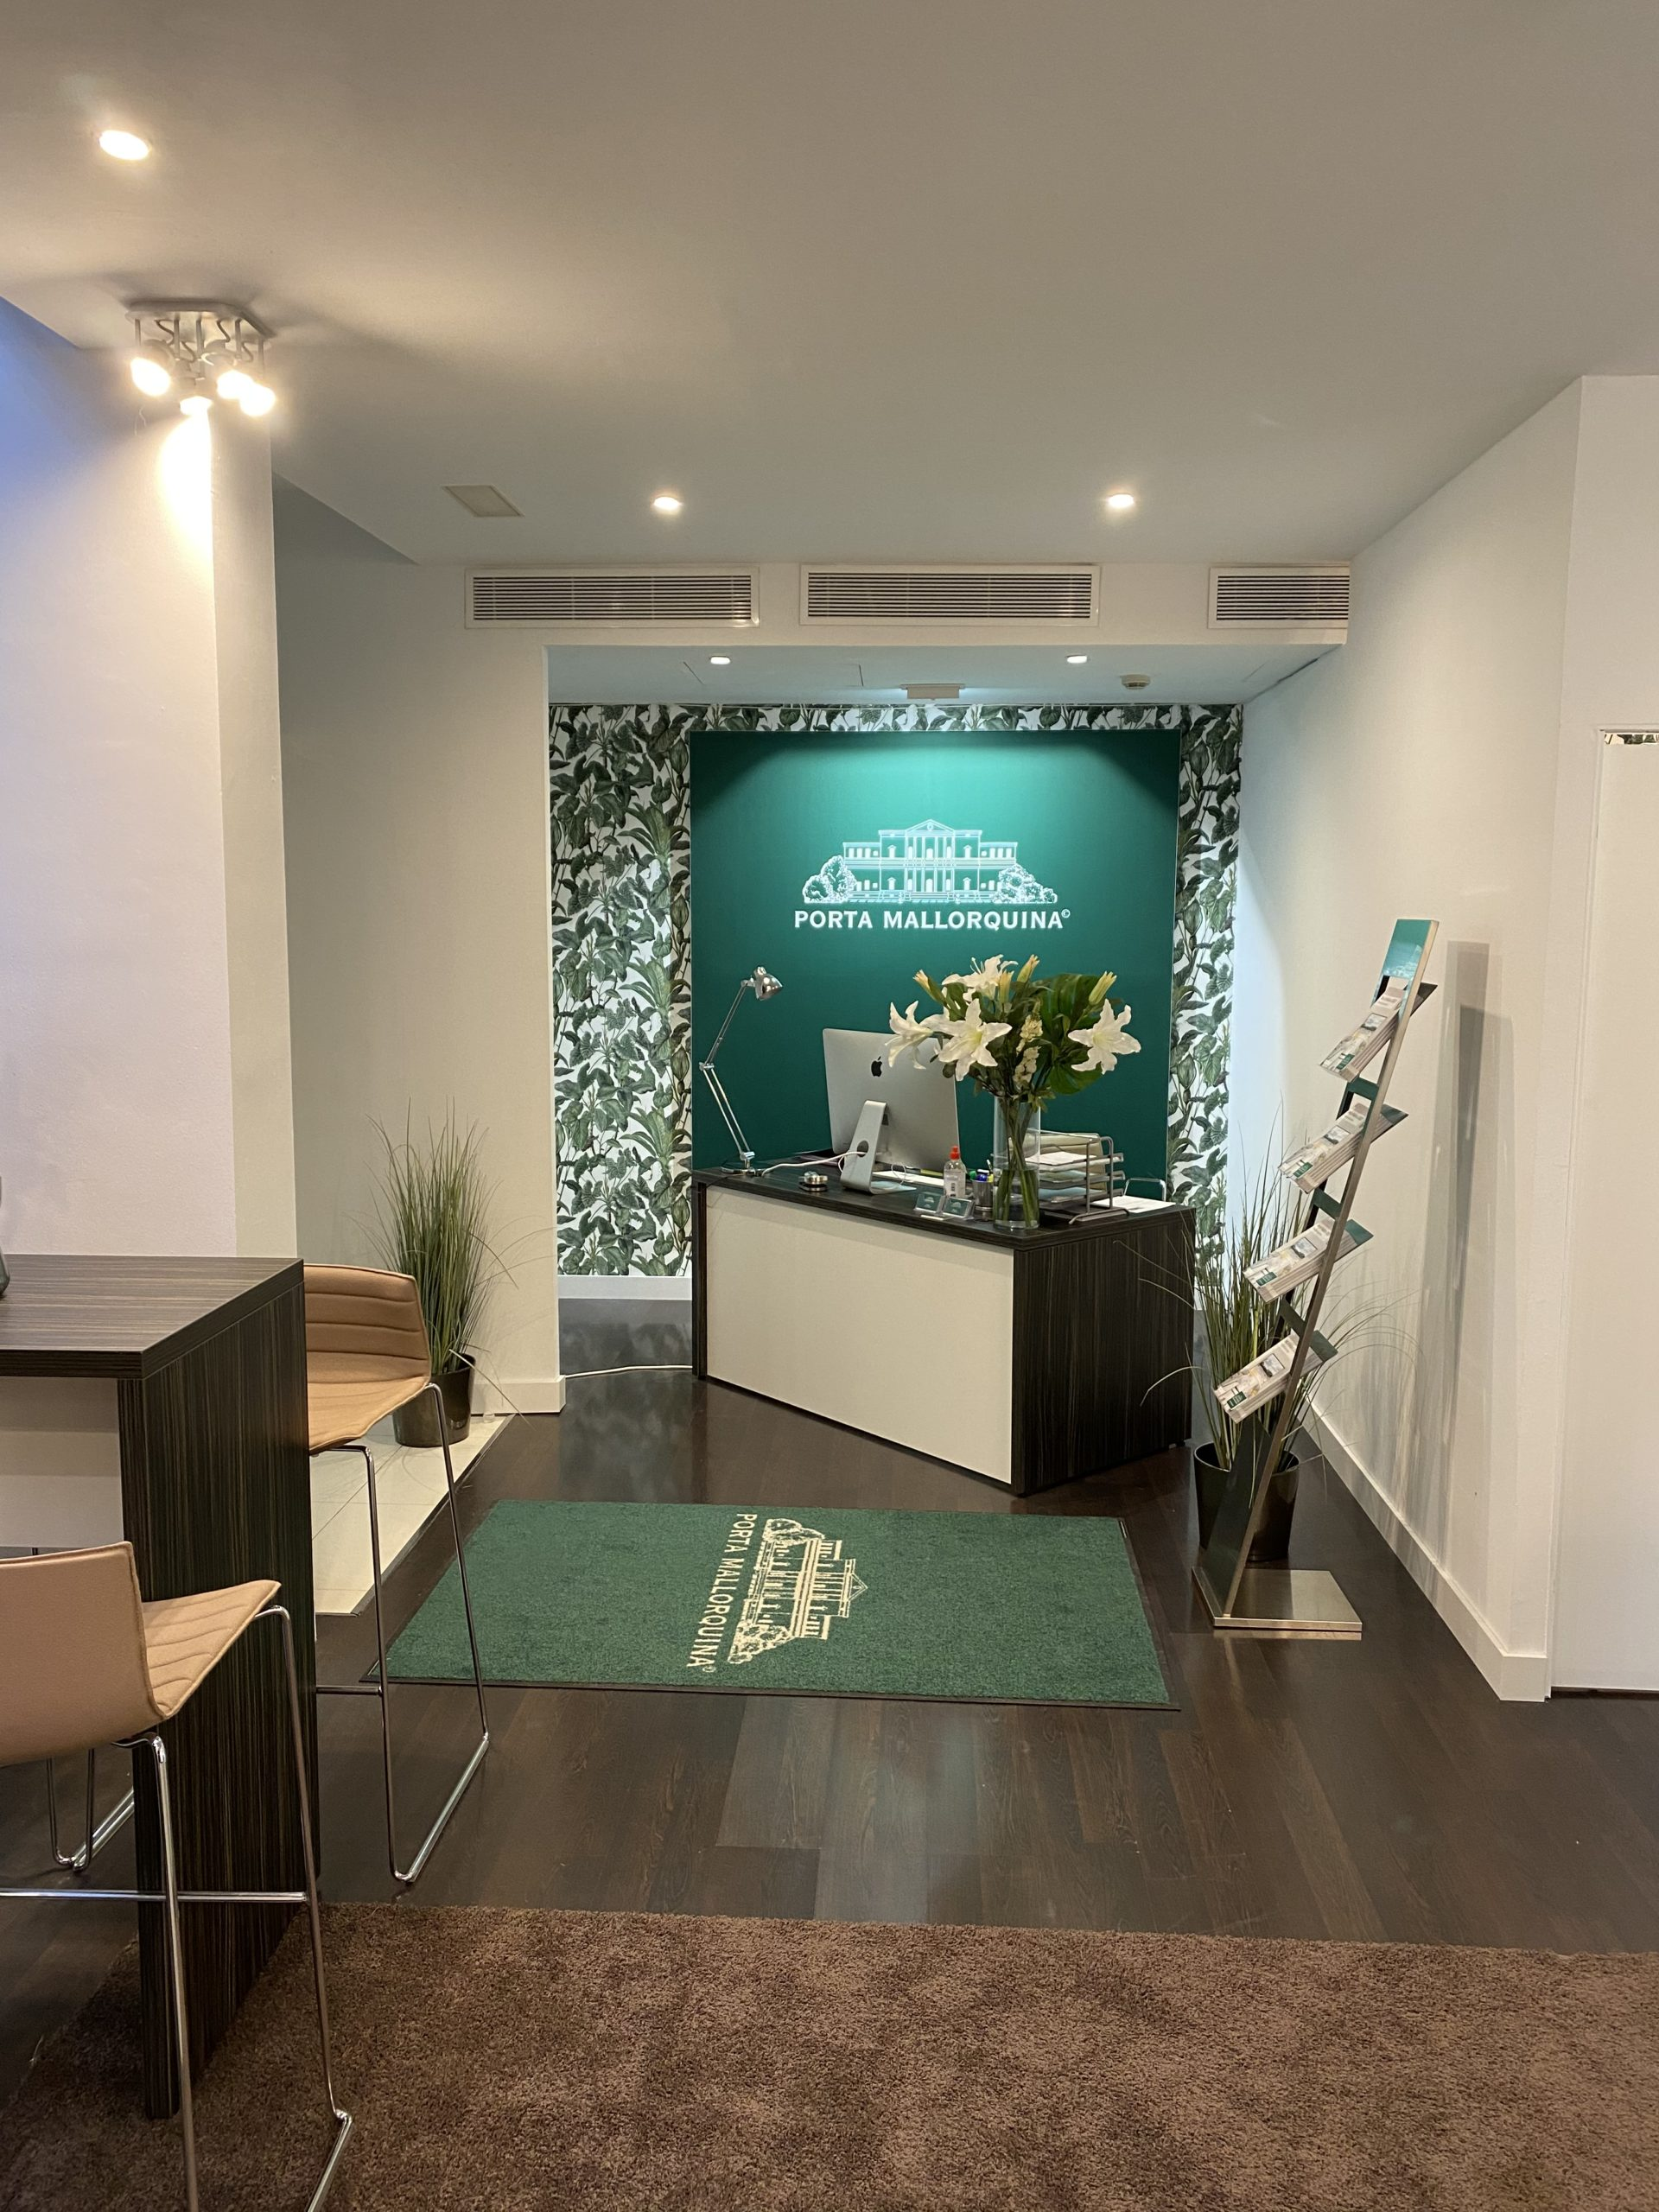 La llamativa pared verde con el logotipo es una característica distintiva de todas las oficinas de Porta Mallorquina. La agencia cuenta actualmente con ocho sedes en Mallorca.